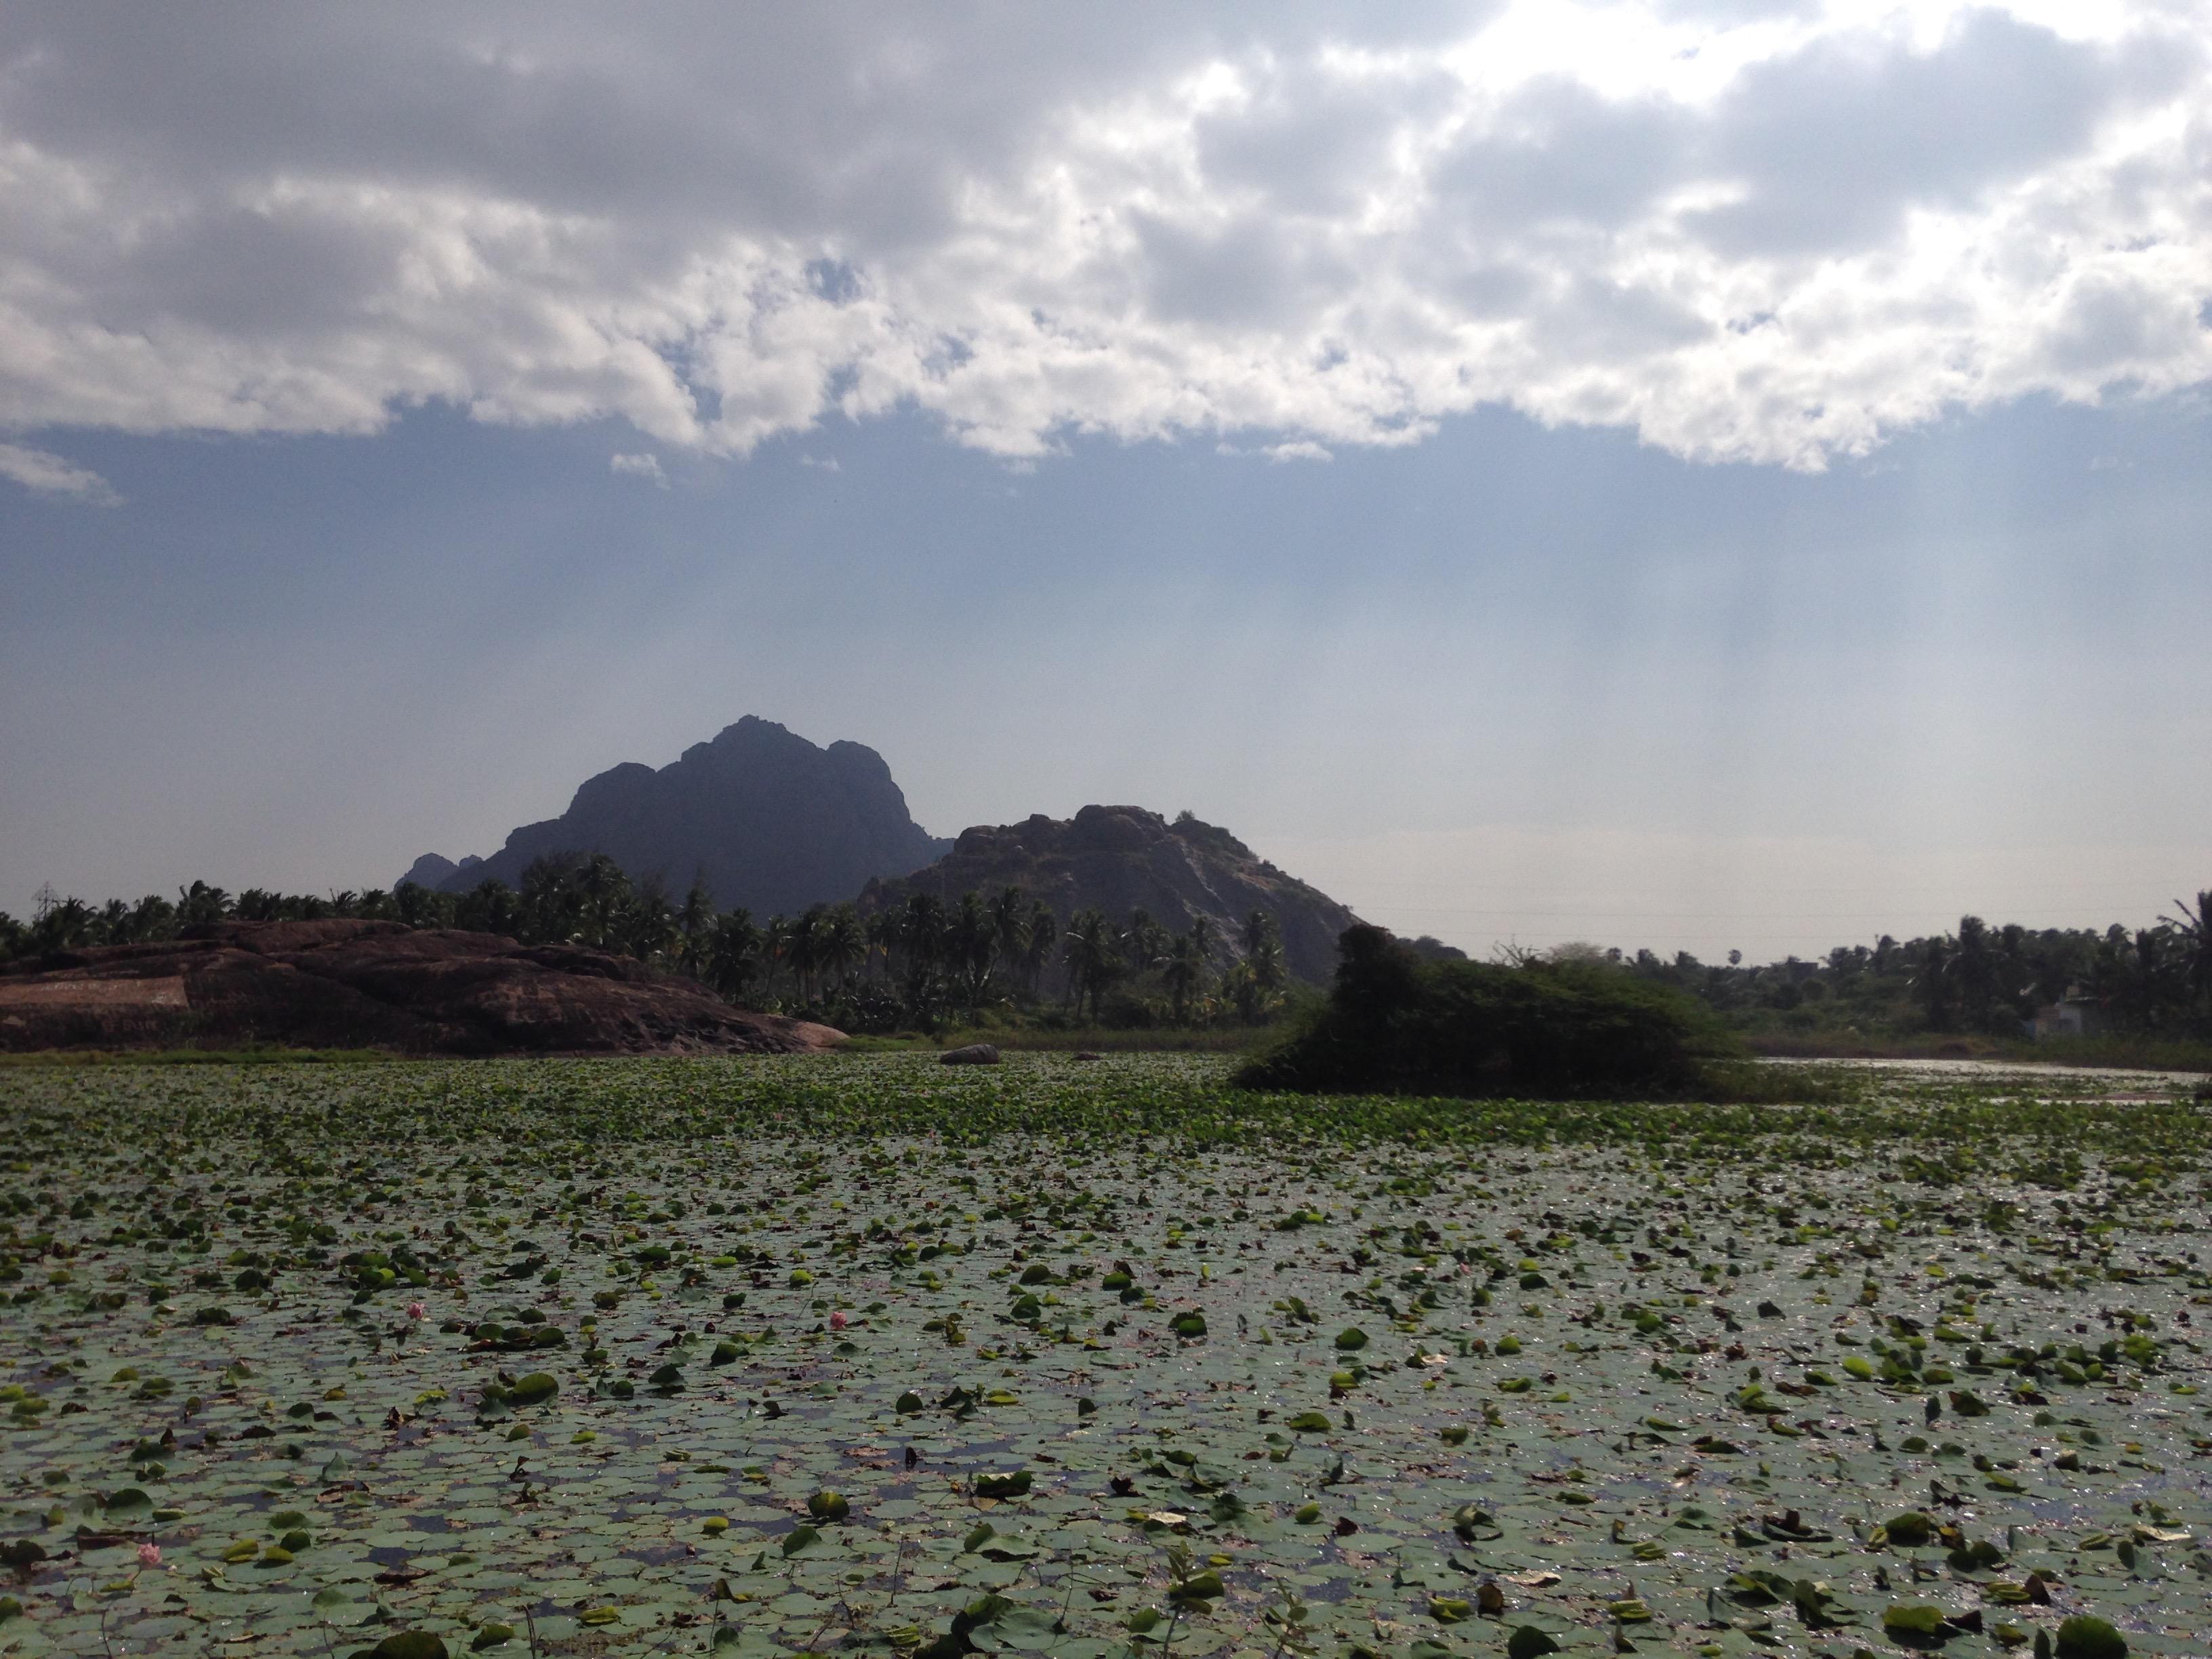 カニャクマリ バルカラ 移動 ローカル バス 風景